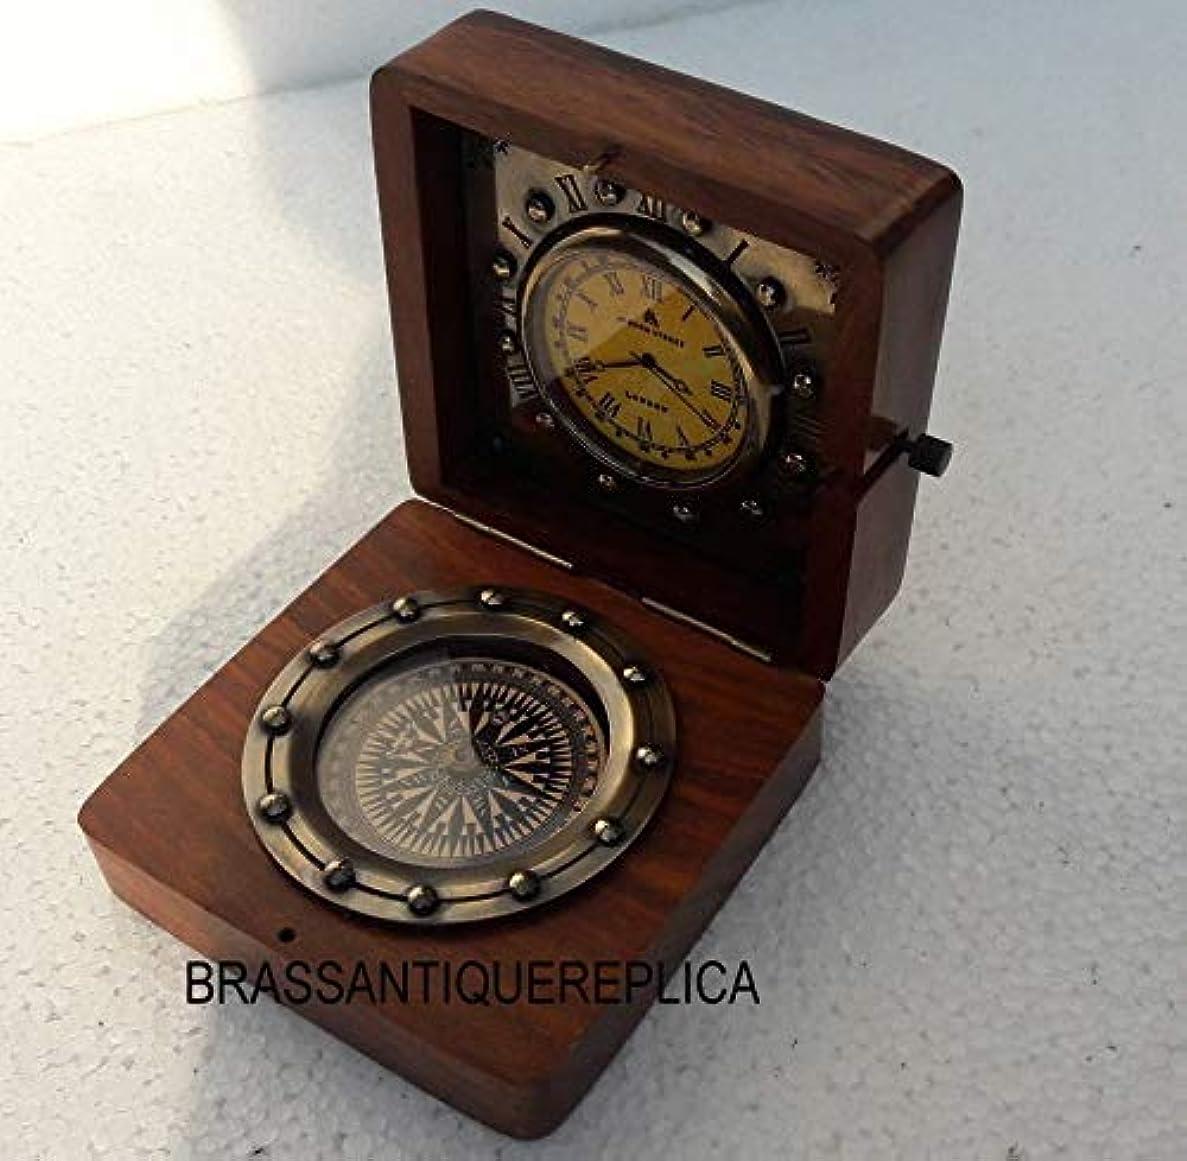 ポルノ適切に不適切なArnav アンティーク 航海海海 ナビゲーション真鍮時計 39ボンド ロンドンコンパス 木製ボックス付き